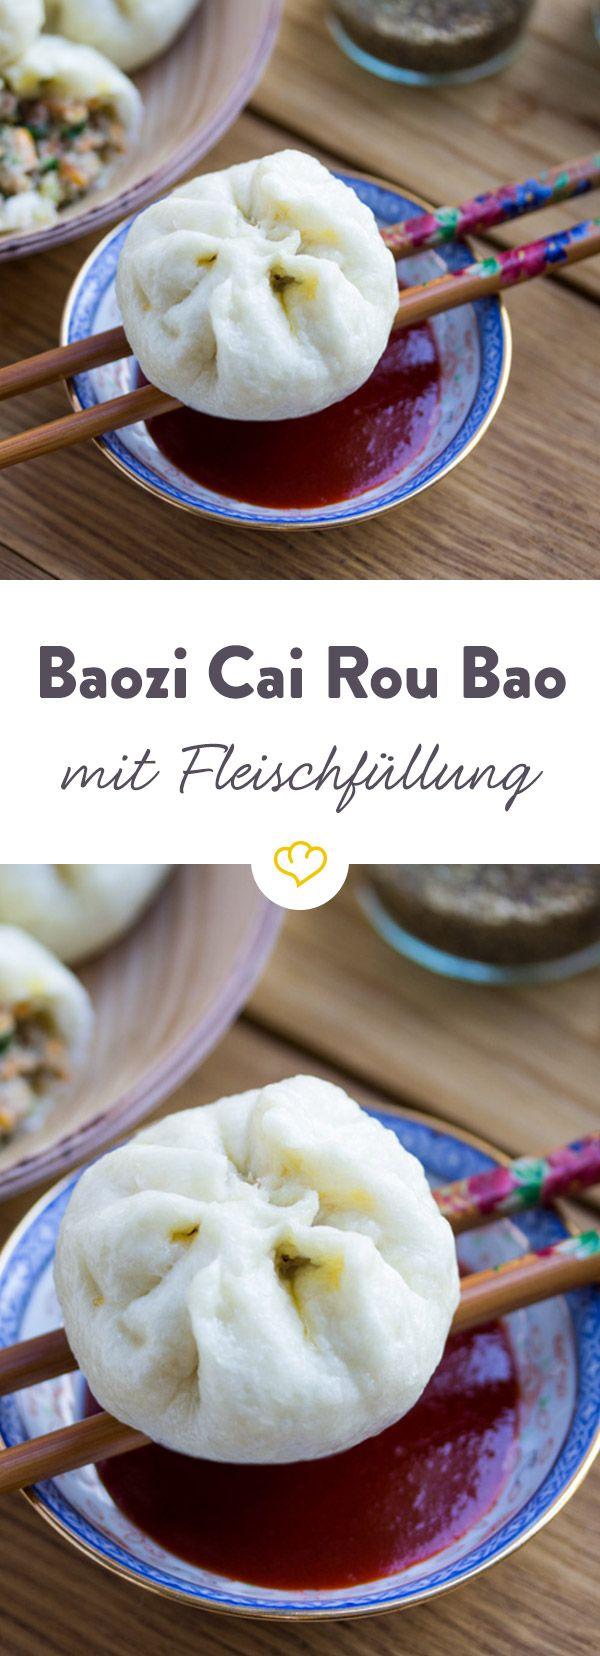 Baozi - die gedämpften Teigtaschen aus Hefeteig mit Fleisch und Gemüse sind ein Klassiker der chinesischen Küche.